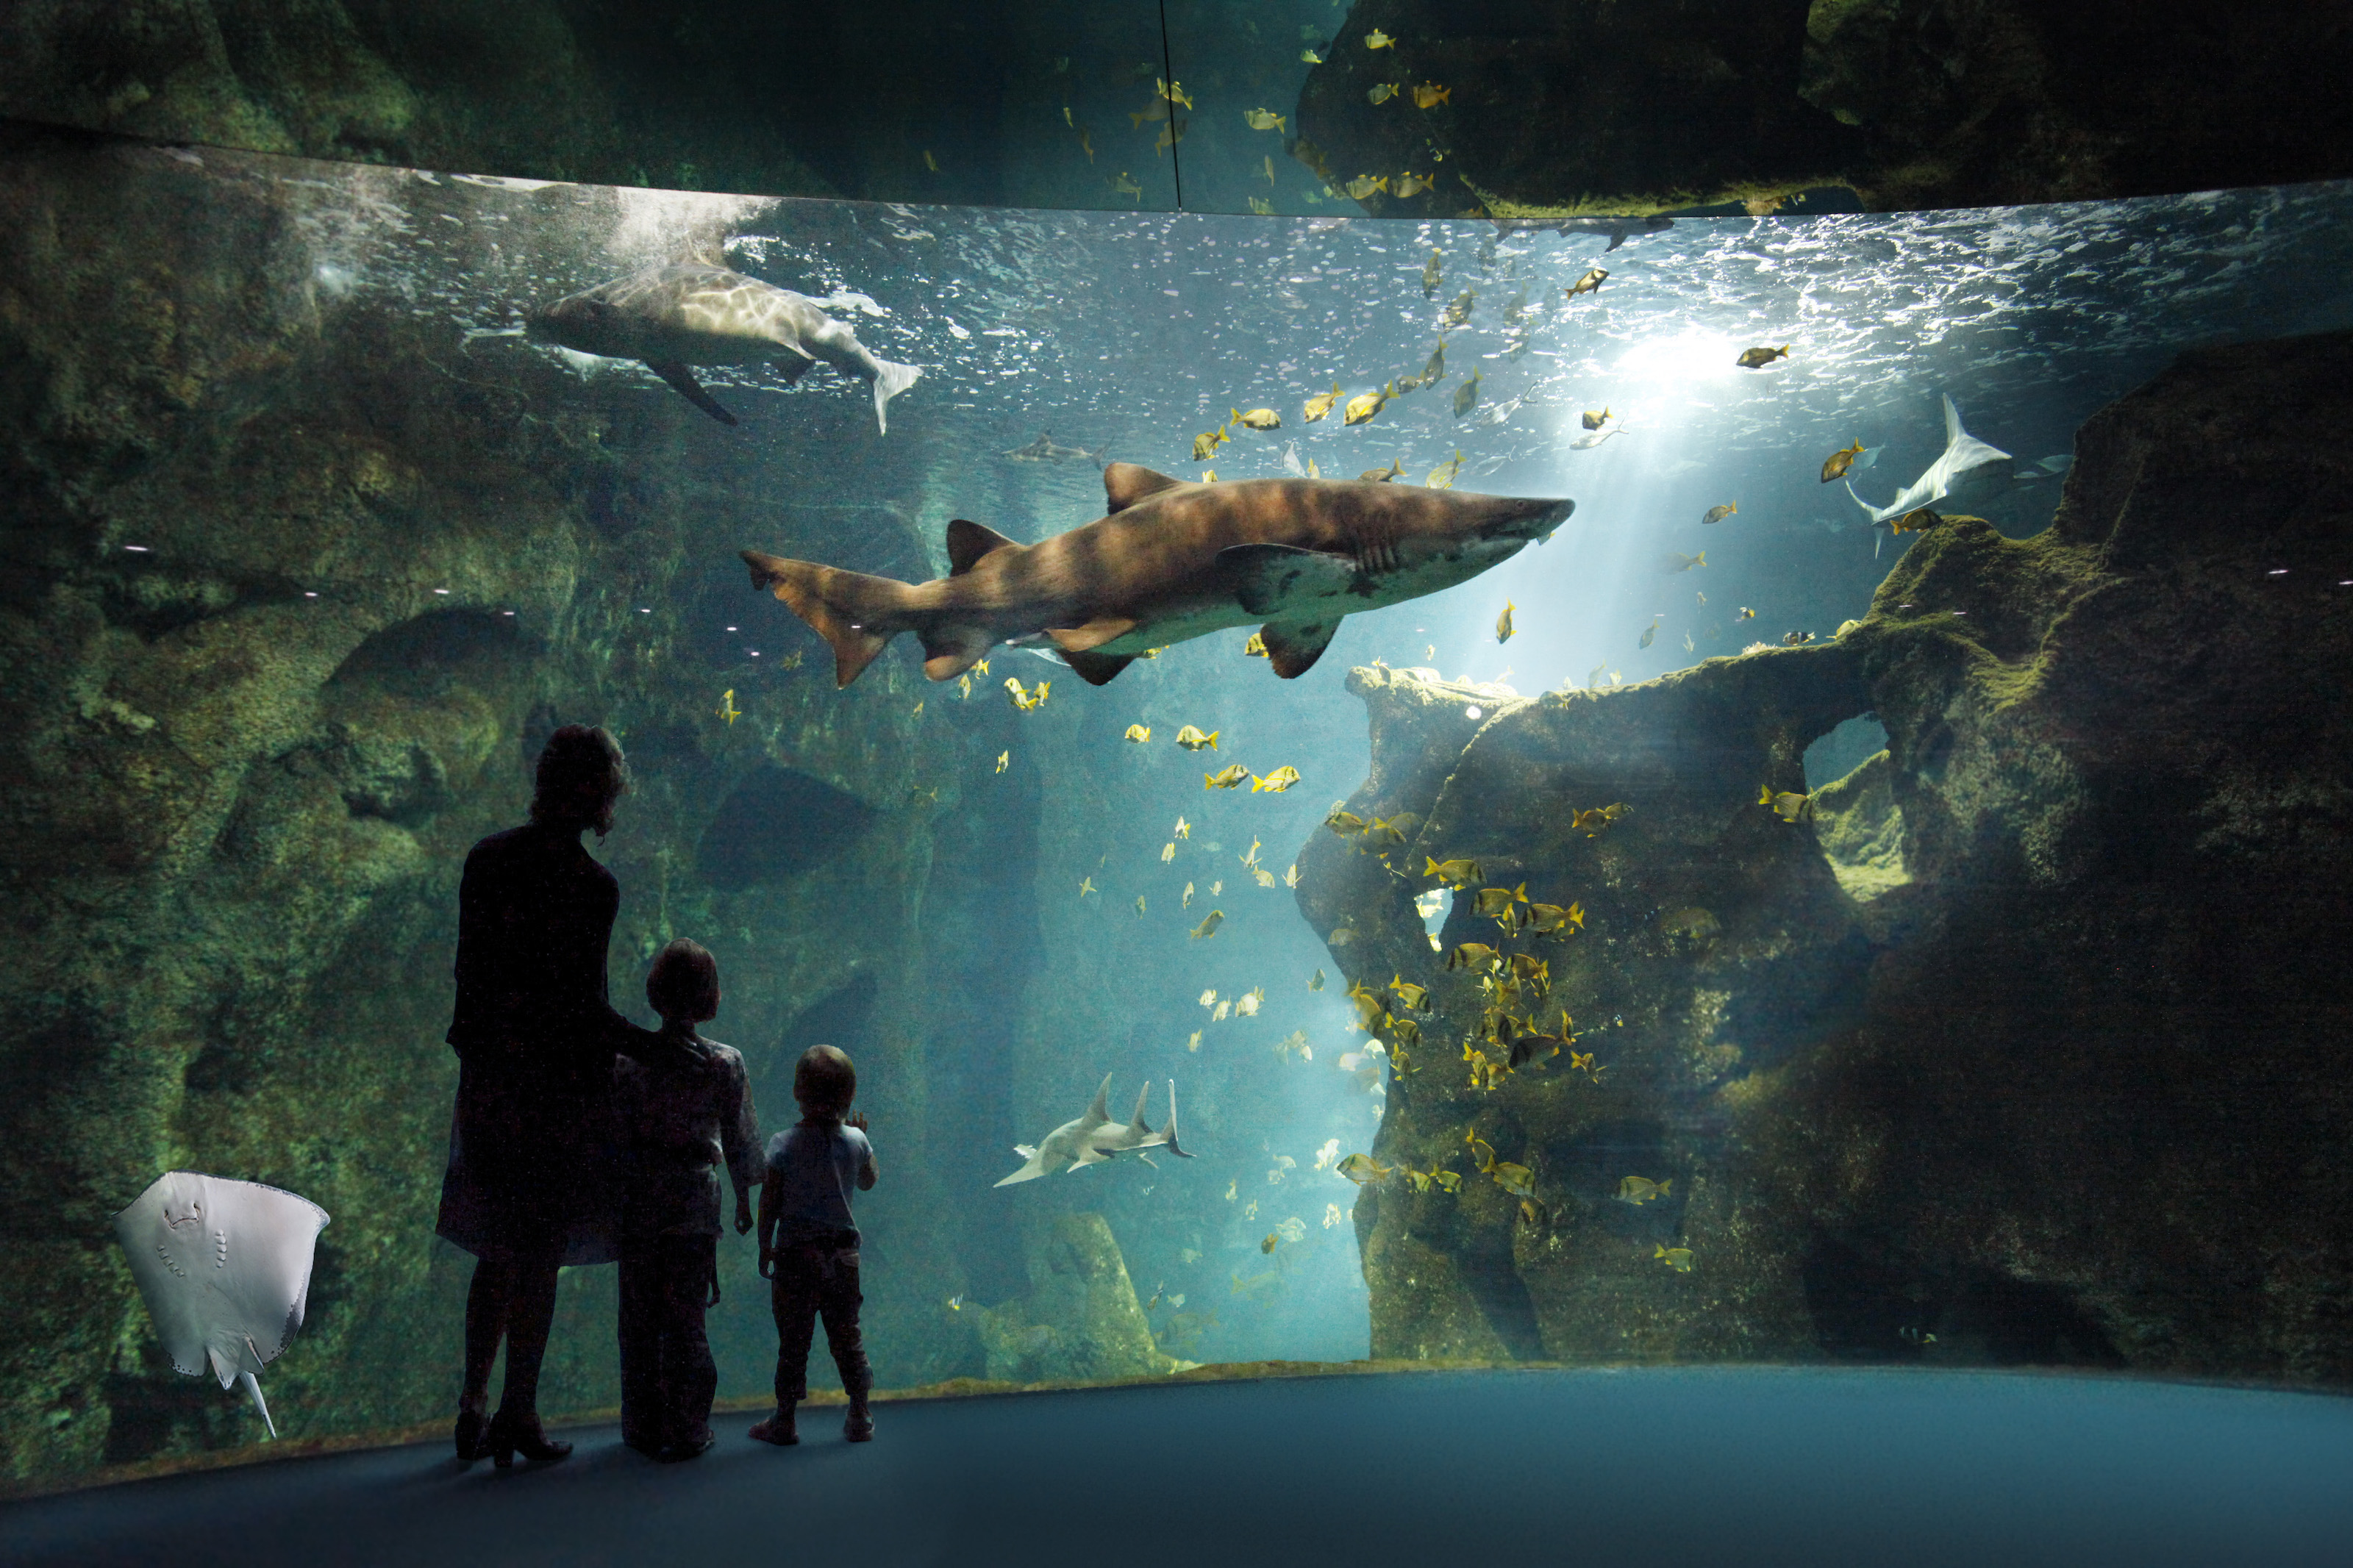 amphithe%CC%81atre-des-requins-c-aquarium-la-rochelle-SAS Frais De Aquarium tortue Aquatique Schème